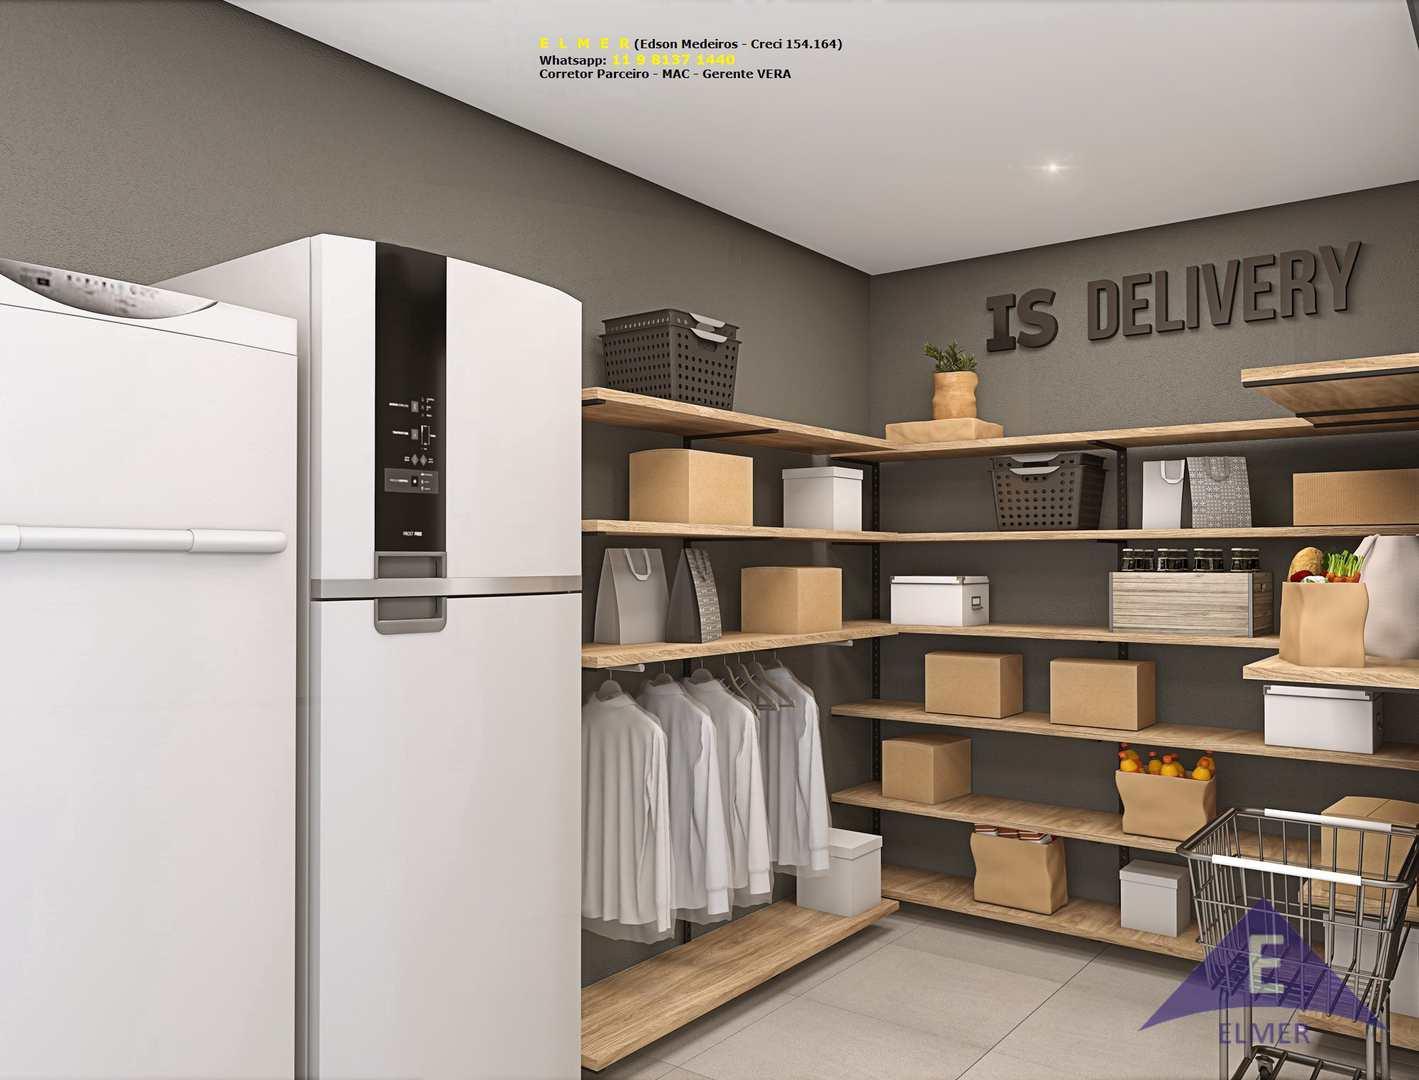 Delivery - IS CONSOLAÇÃO - ELMER